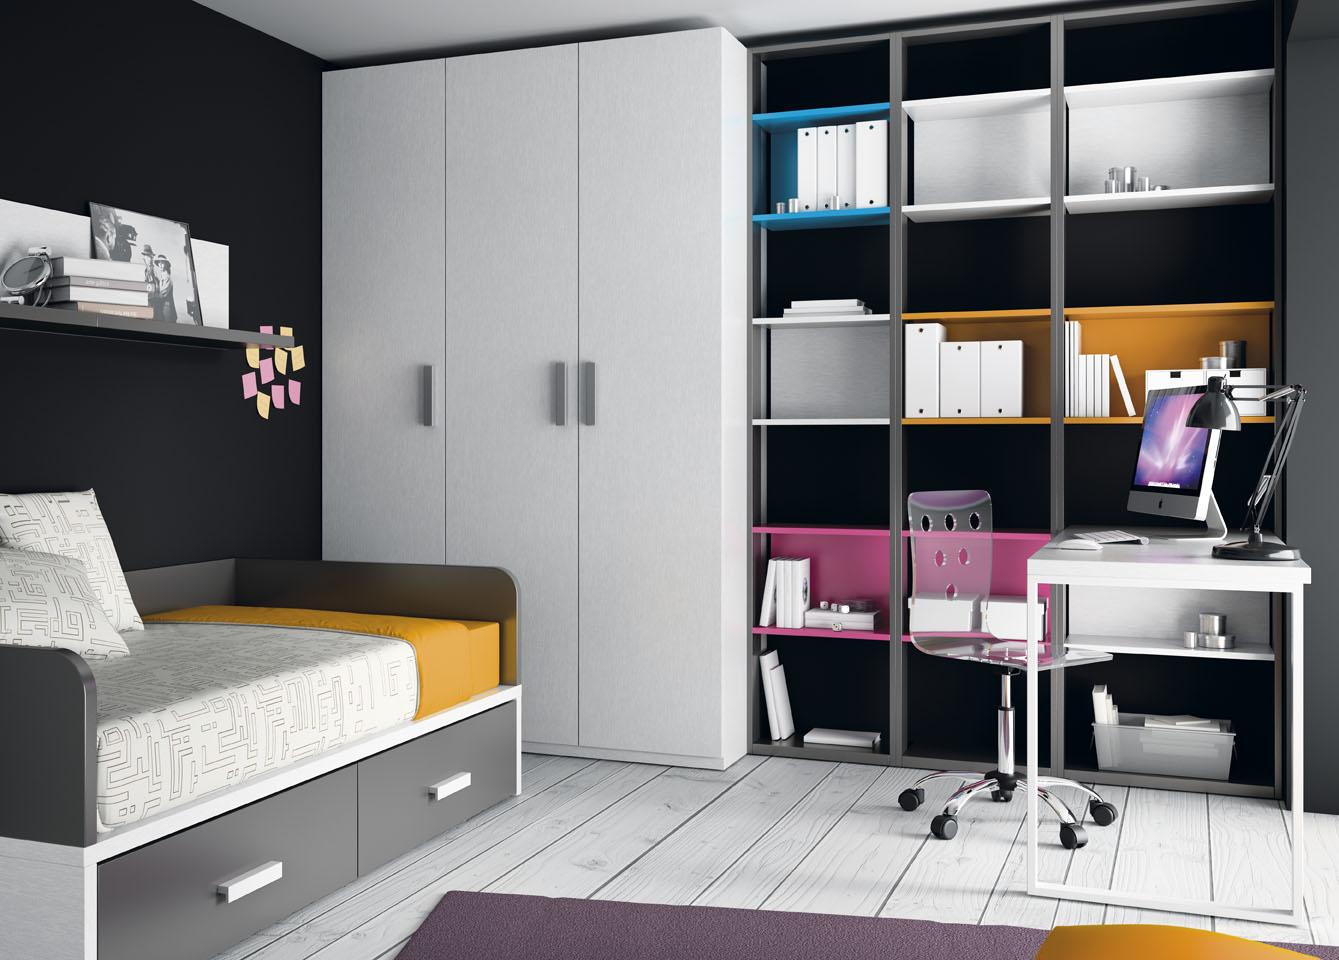 Combinaci n de colores inmesa en muebles - Muebles de colores ...